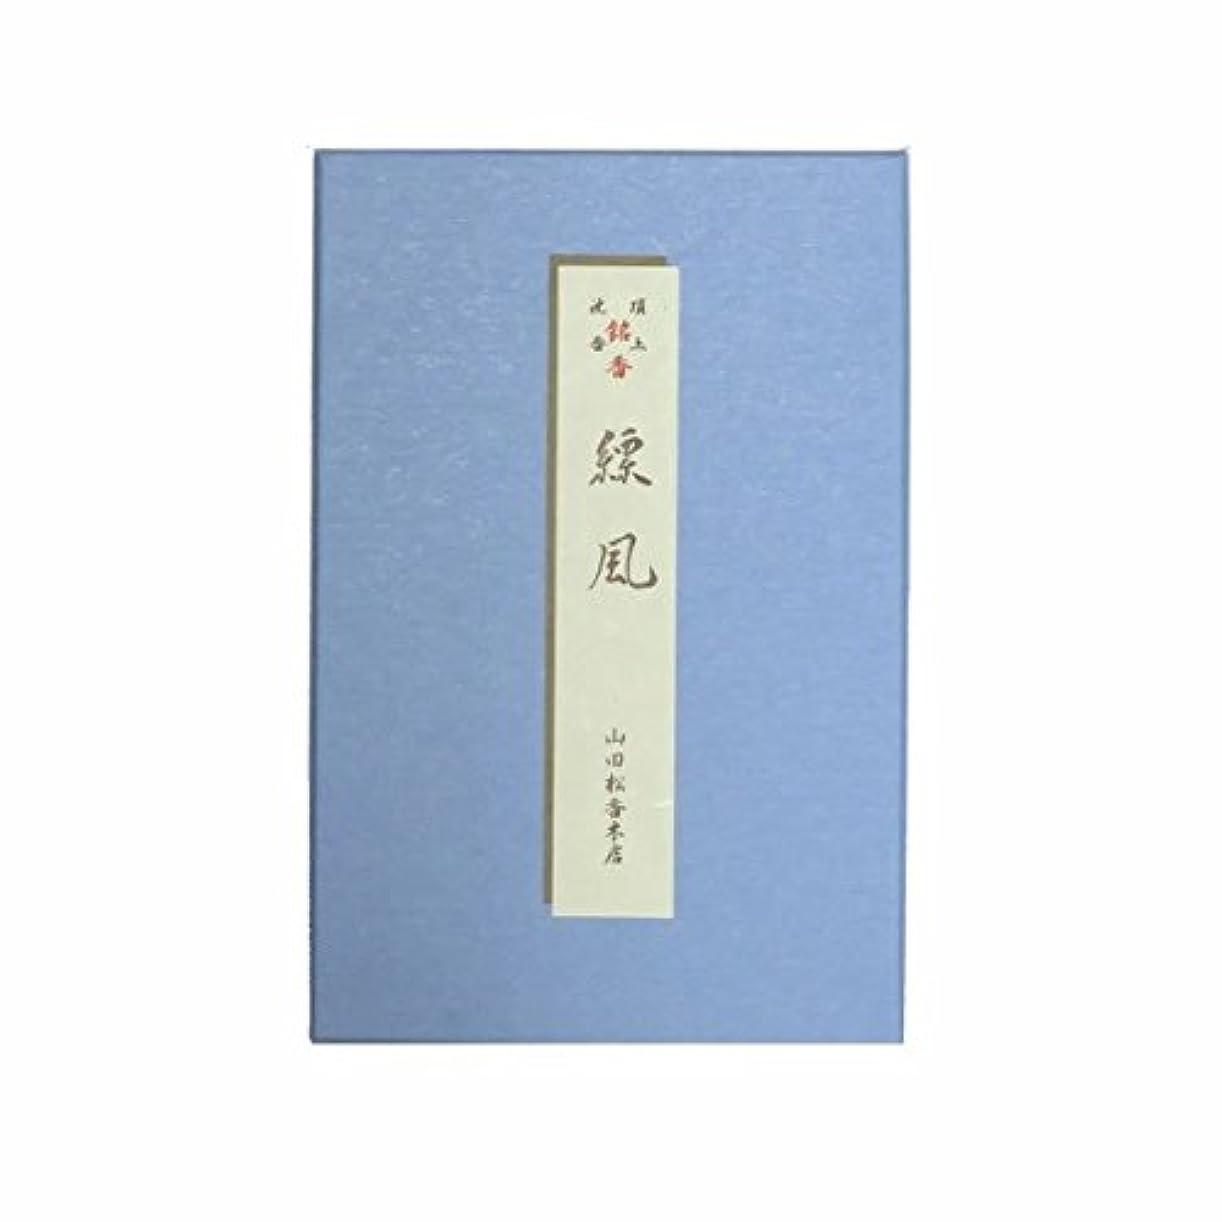 テンポ盆緑縹風 短寸 バラ詰